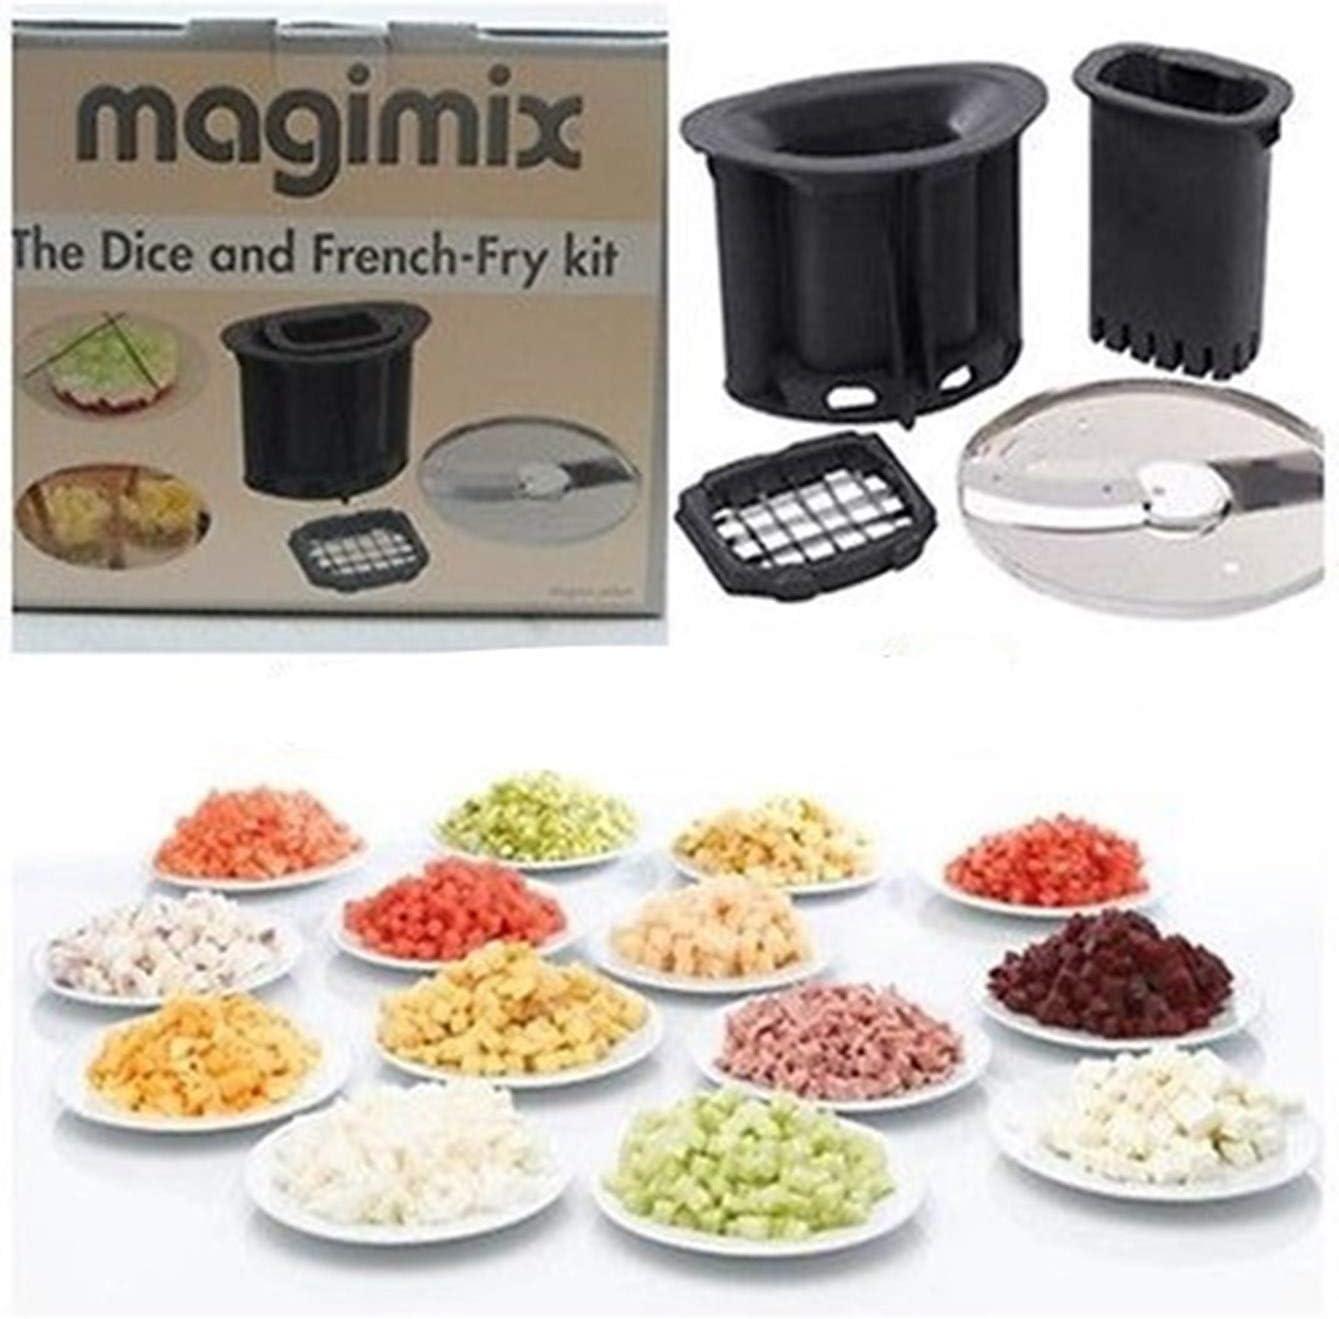 Magimix 17639 batidora y accesorio para mezclar alimentos - Accesorio procesador de alimentos Negro, Color blanco: Amazon.es: Hogar